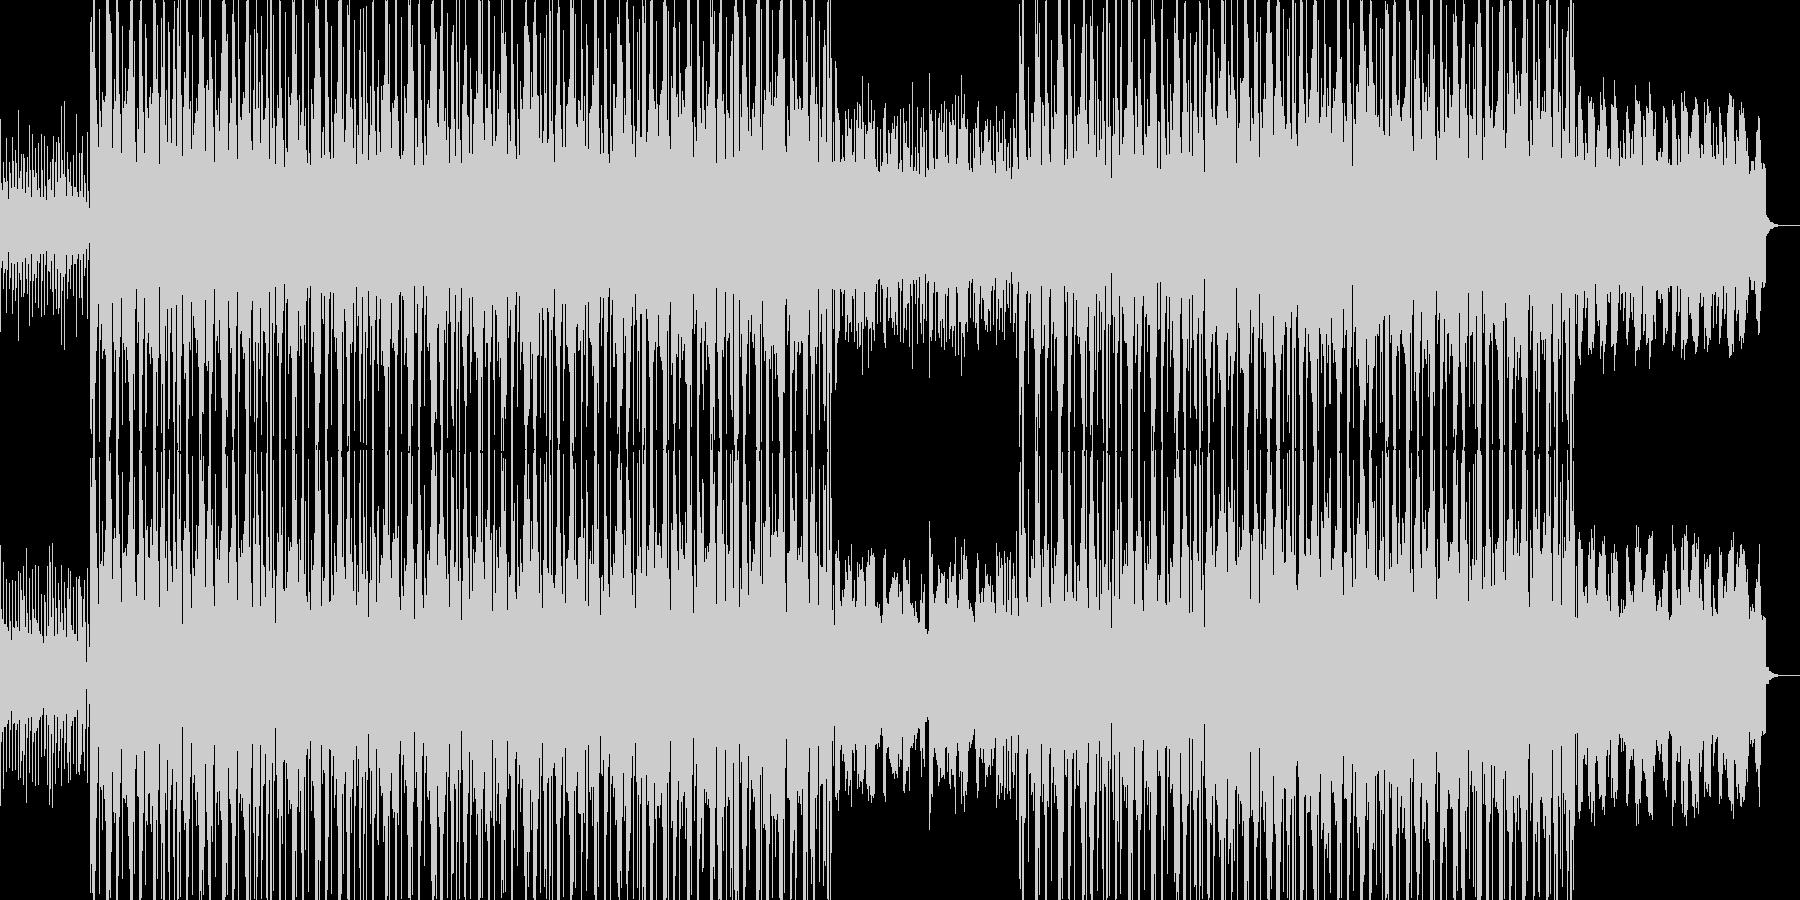 EDMを取り入れたアメリカンポップス風の未再生の波形